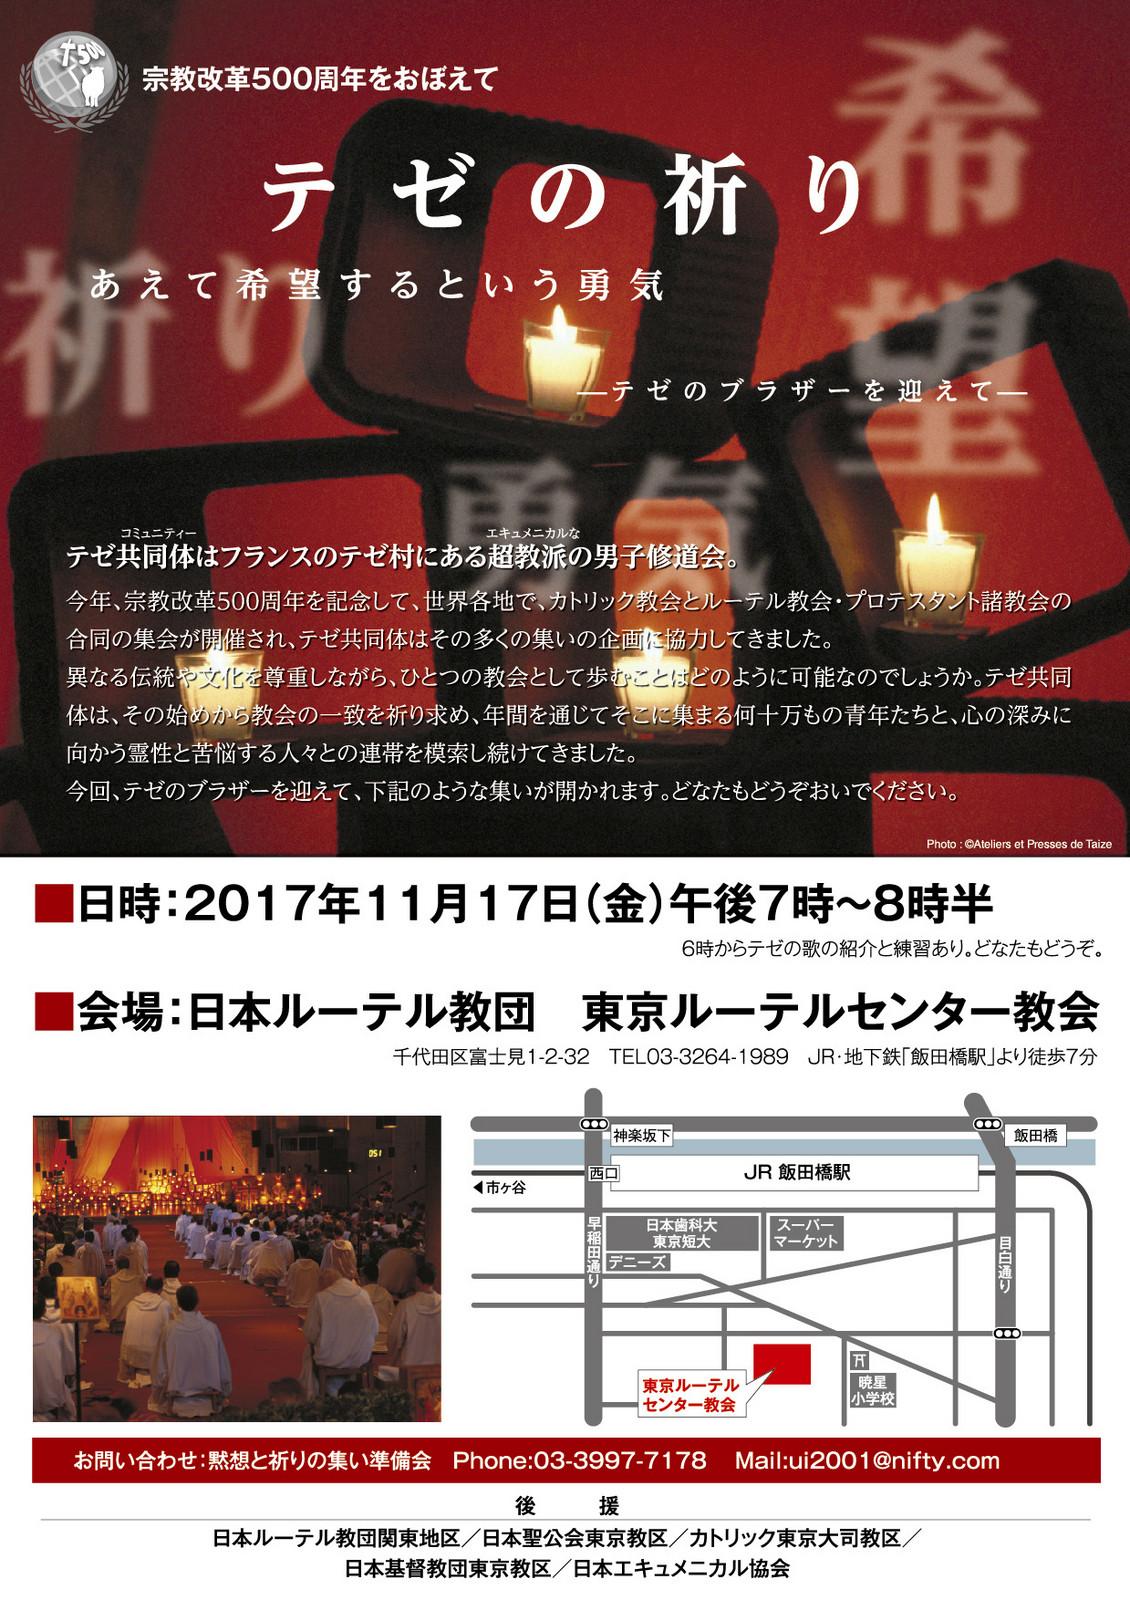 2017年東京での集い